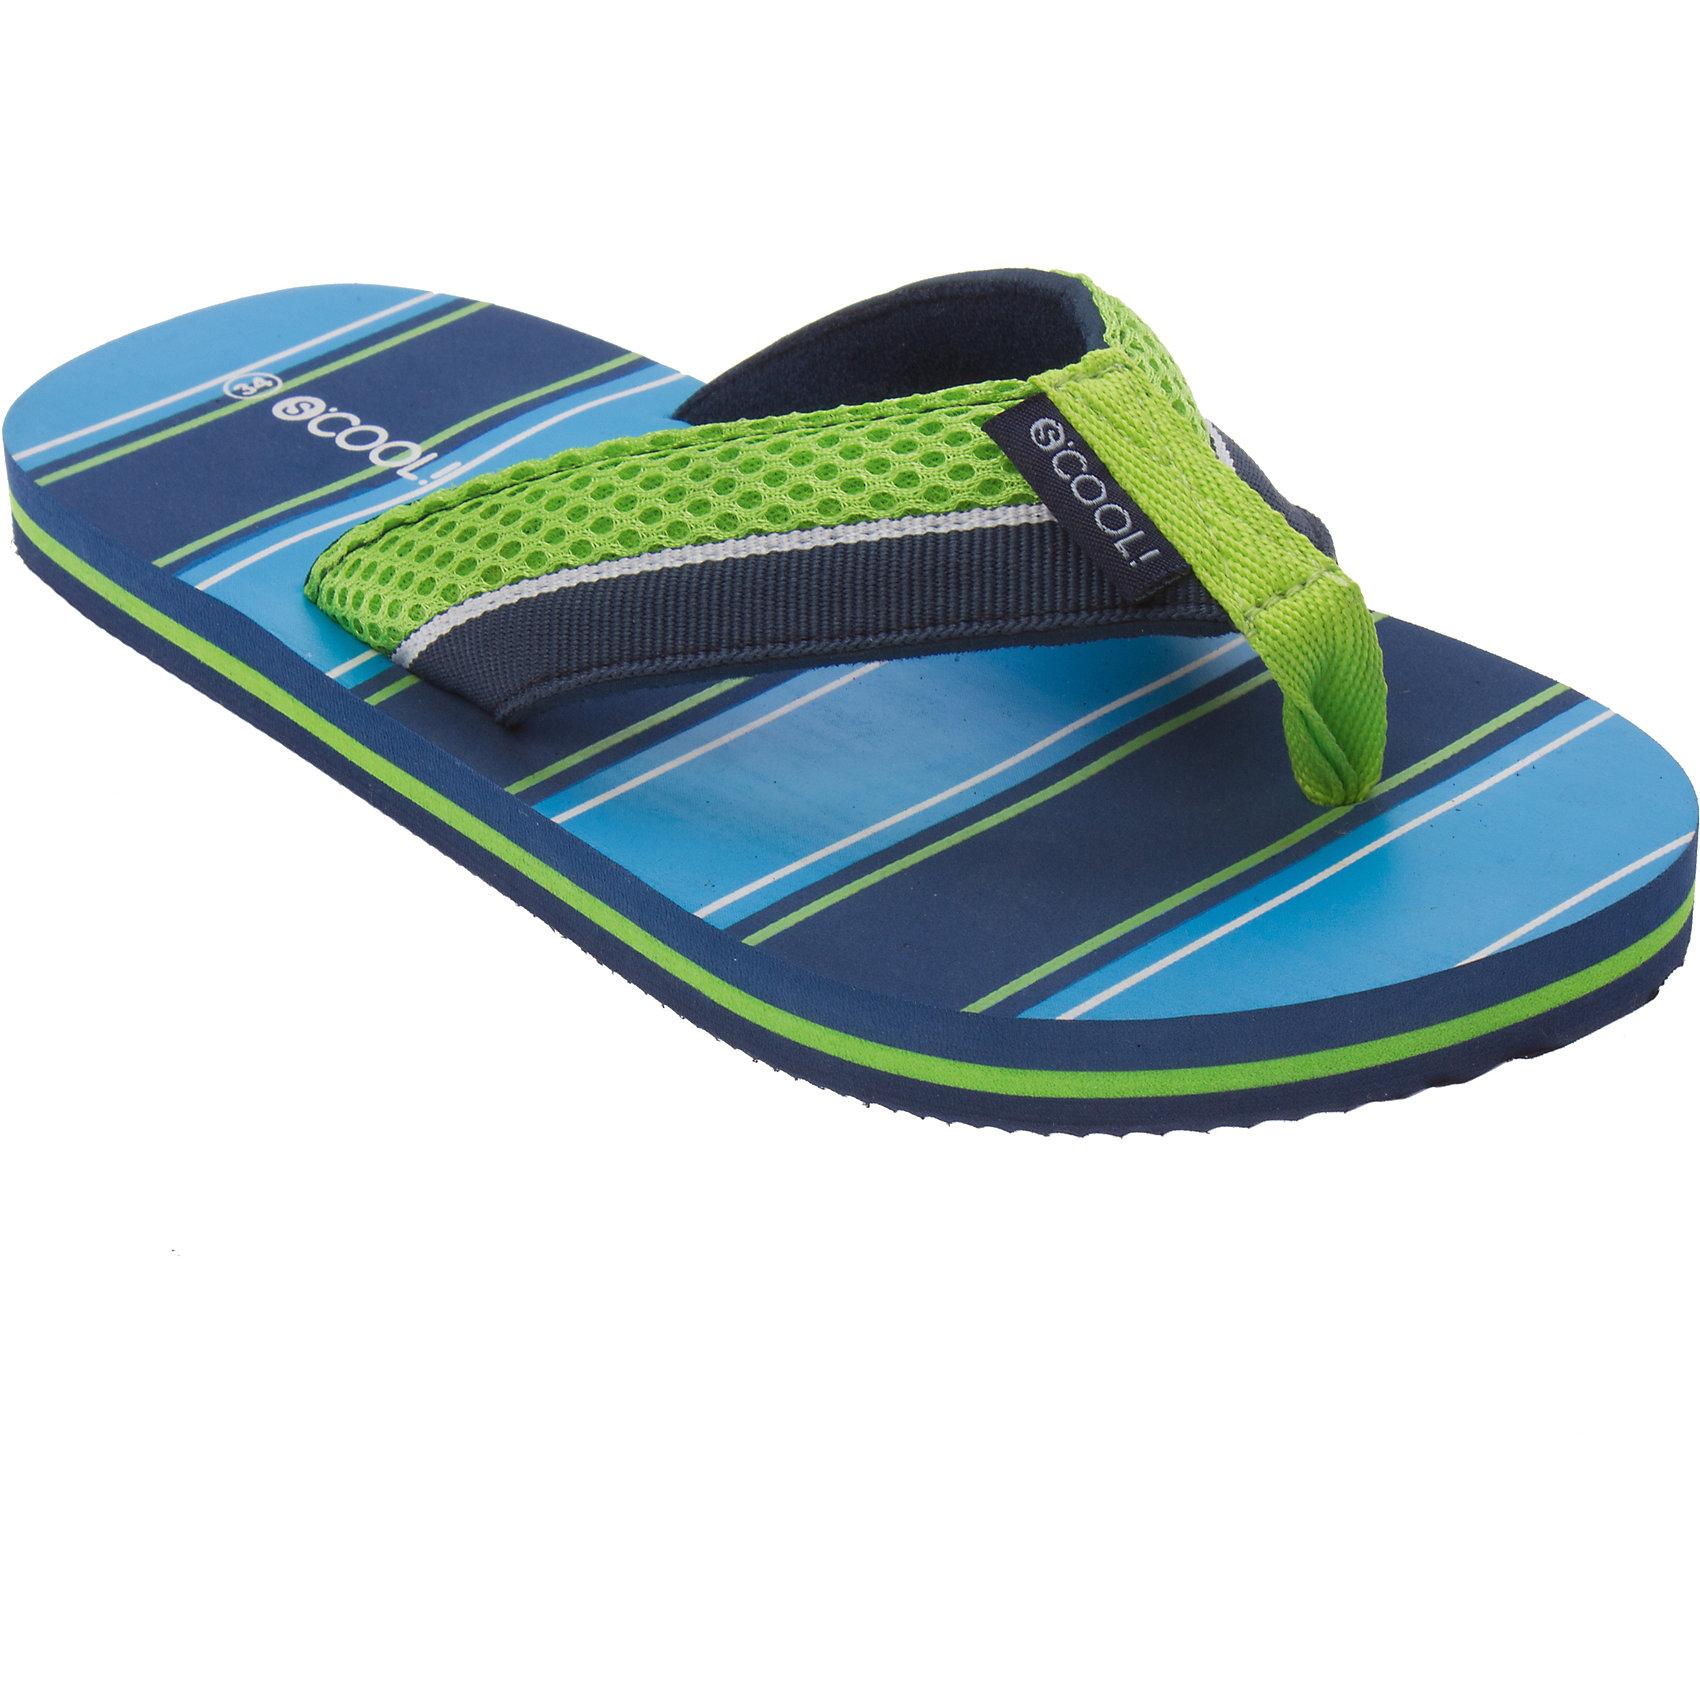 Шлепанцы для мальчика ScoolПляжная обувь<br>Пантолеты для мальчика Scool <br><br>Состав: 100% текстиль <br><br>Яркие полоски синего и голубого цветов<br>Резиновая подошва с рифлением<br><br>Ширина мм: 225<br>Глубина мм: 139<br>Высота мм: 112<br>Вес г: 290<br>Цвет: синий/зеленый<br>Возраст от месяцев: 180<br>Возраст до месяцев: 192<br>Пол: Мужской<br>Возраст: Детский<br>Размер: 39,38,37,33,35,36,32,34<br>SKU: 4508043